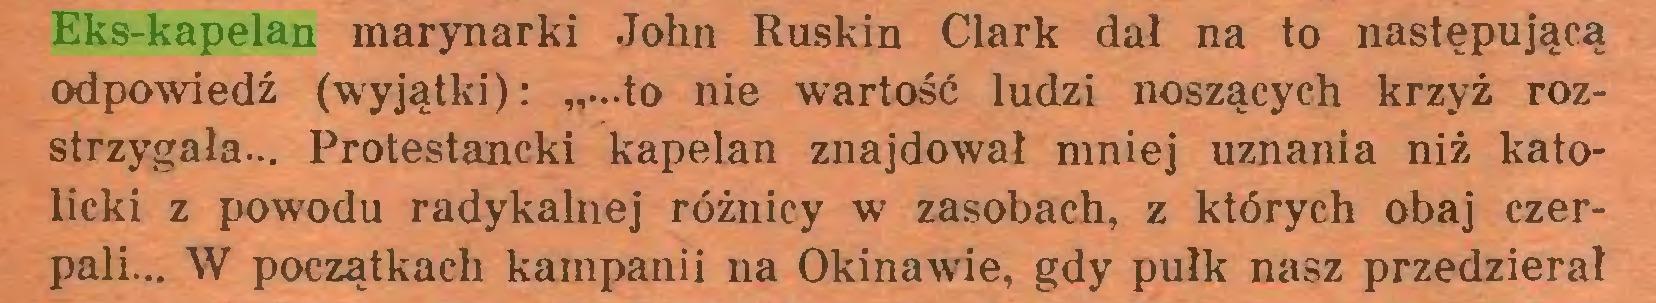 """(...) Eks-kapelan marynarki John Ruskin Clark dał na to następującą odpowiedź (wyjątki): """"...to nie wartość ludzi noszących krzyż rozstrzygała... Protestancki kapelan znajdował mniej uznania niż katolicki z powodu radykalnej różnicy w zasobach, z których obaj czerpali... W początkach kampanii na Okinawie, gdy pułk nasz przedzierał..."""